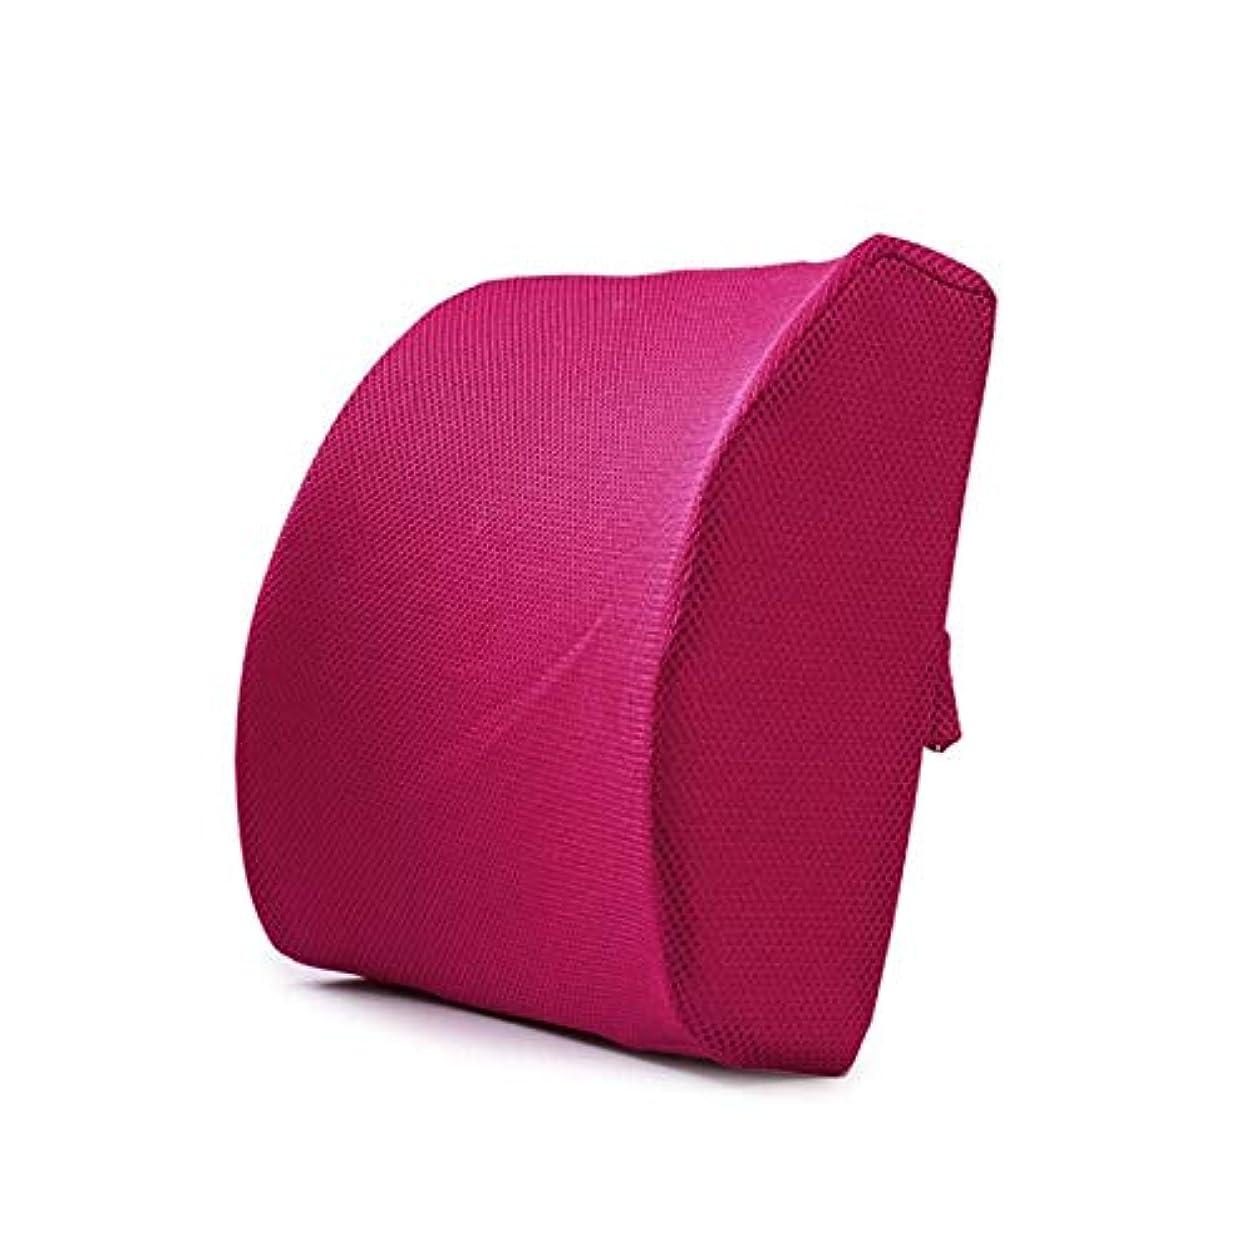 凝視先駆者焼くLIFE ホームオフィス背もたれ椅子腰椎クッションカーシートネック枕 3D 低反発サポートバックマッサージウエストレスリビング枕 クッション 椅子